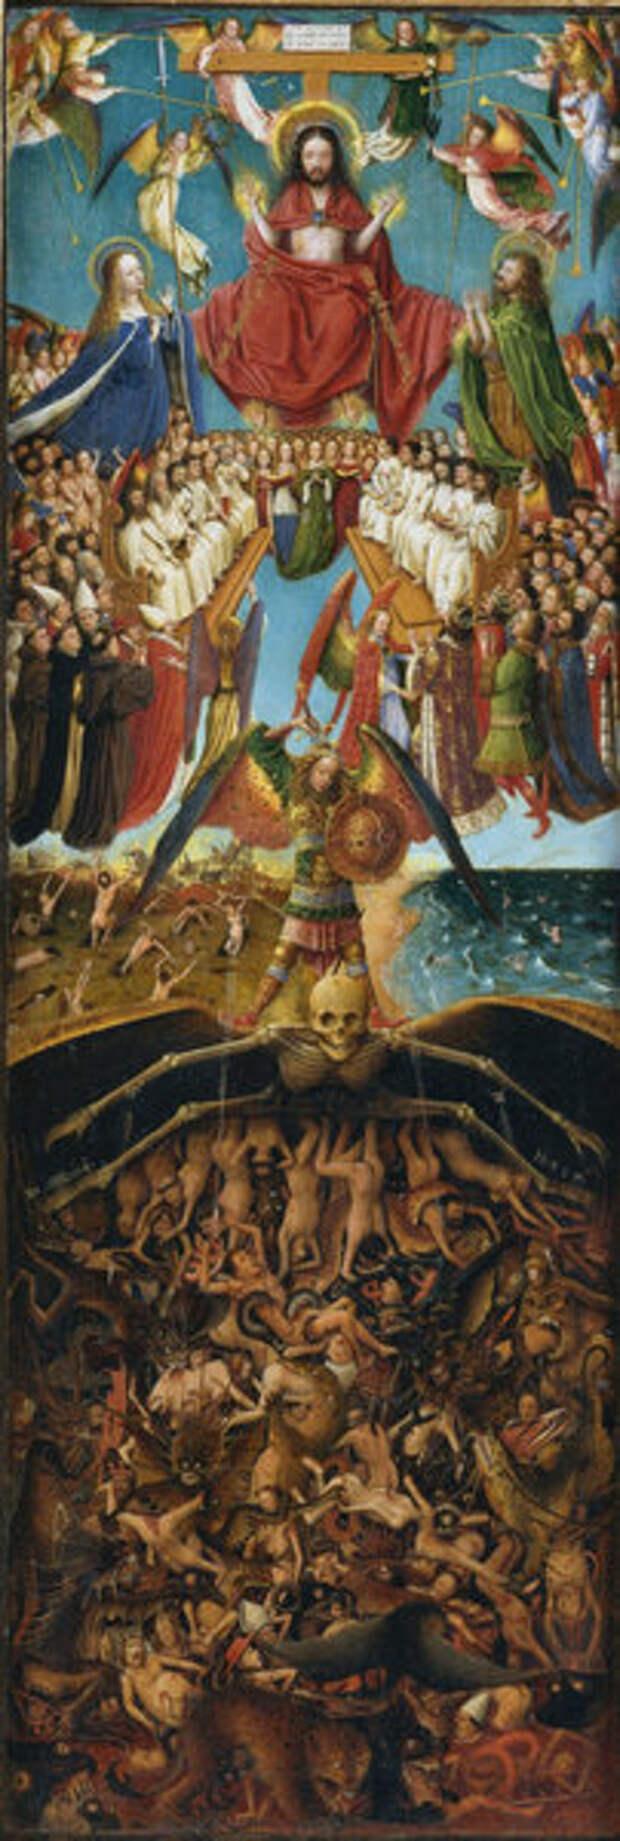 Правая створка диптиха Страшный суд